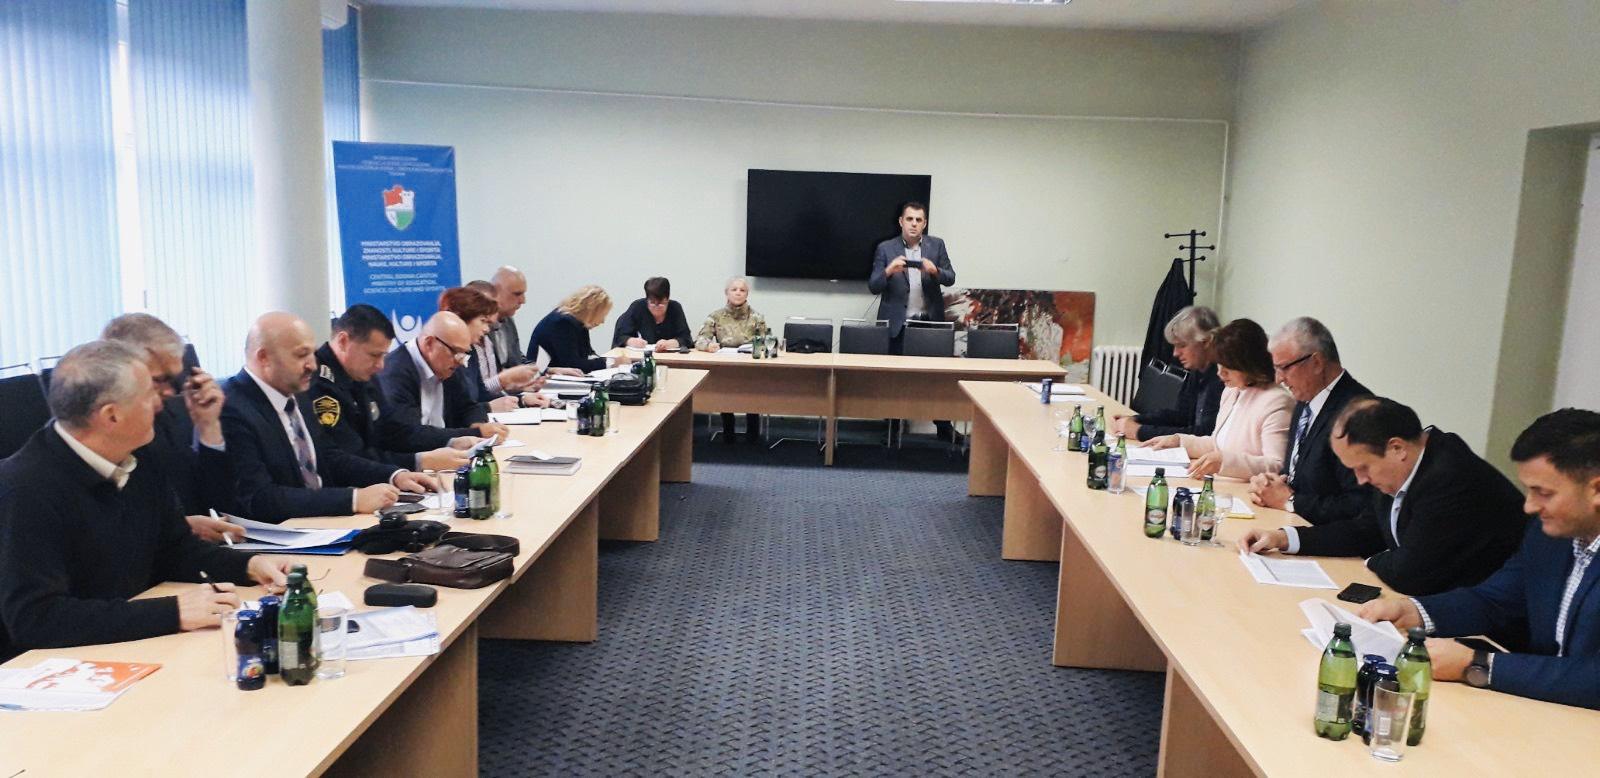 Održani Pregovori U Vladi Srednjobosanskog Kantona